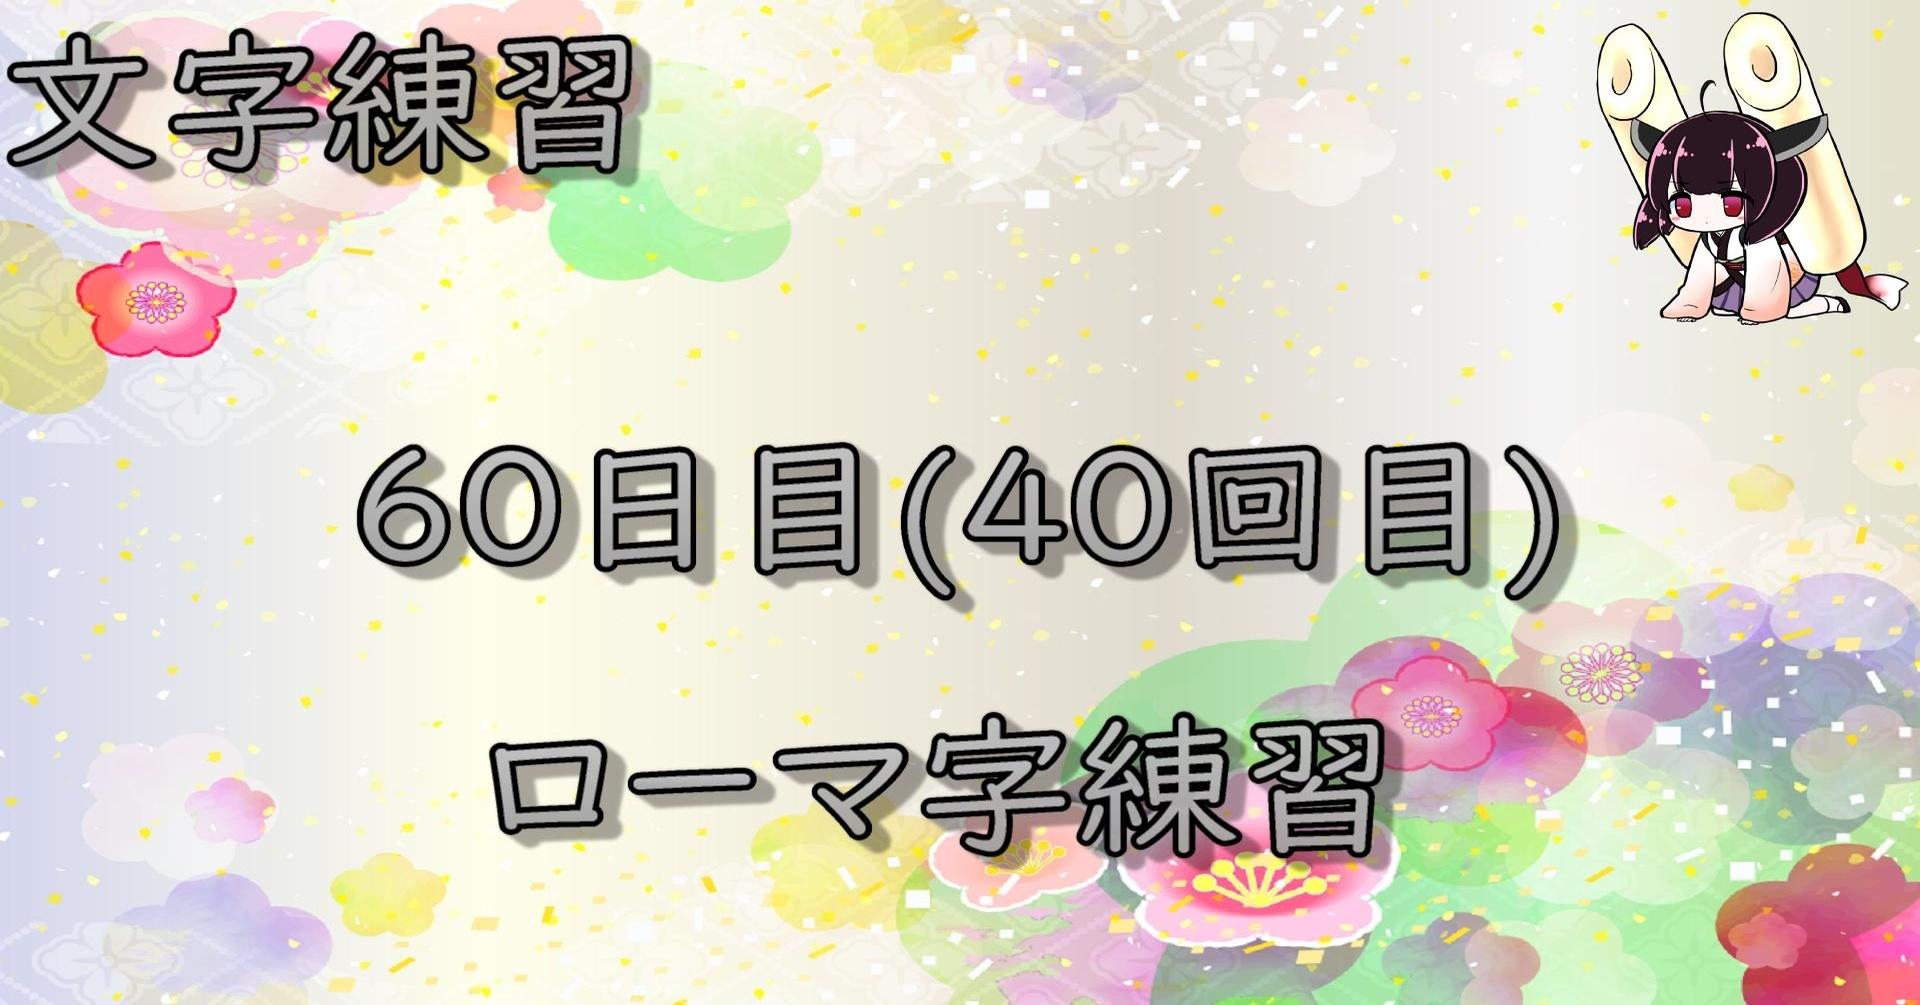 文字練習60日目(40回目)